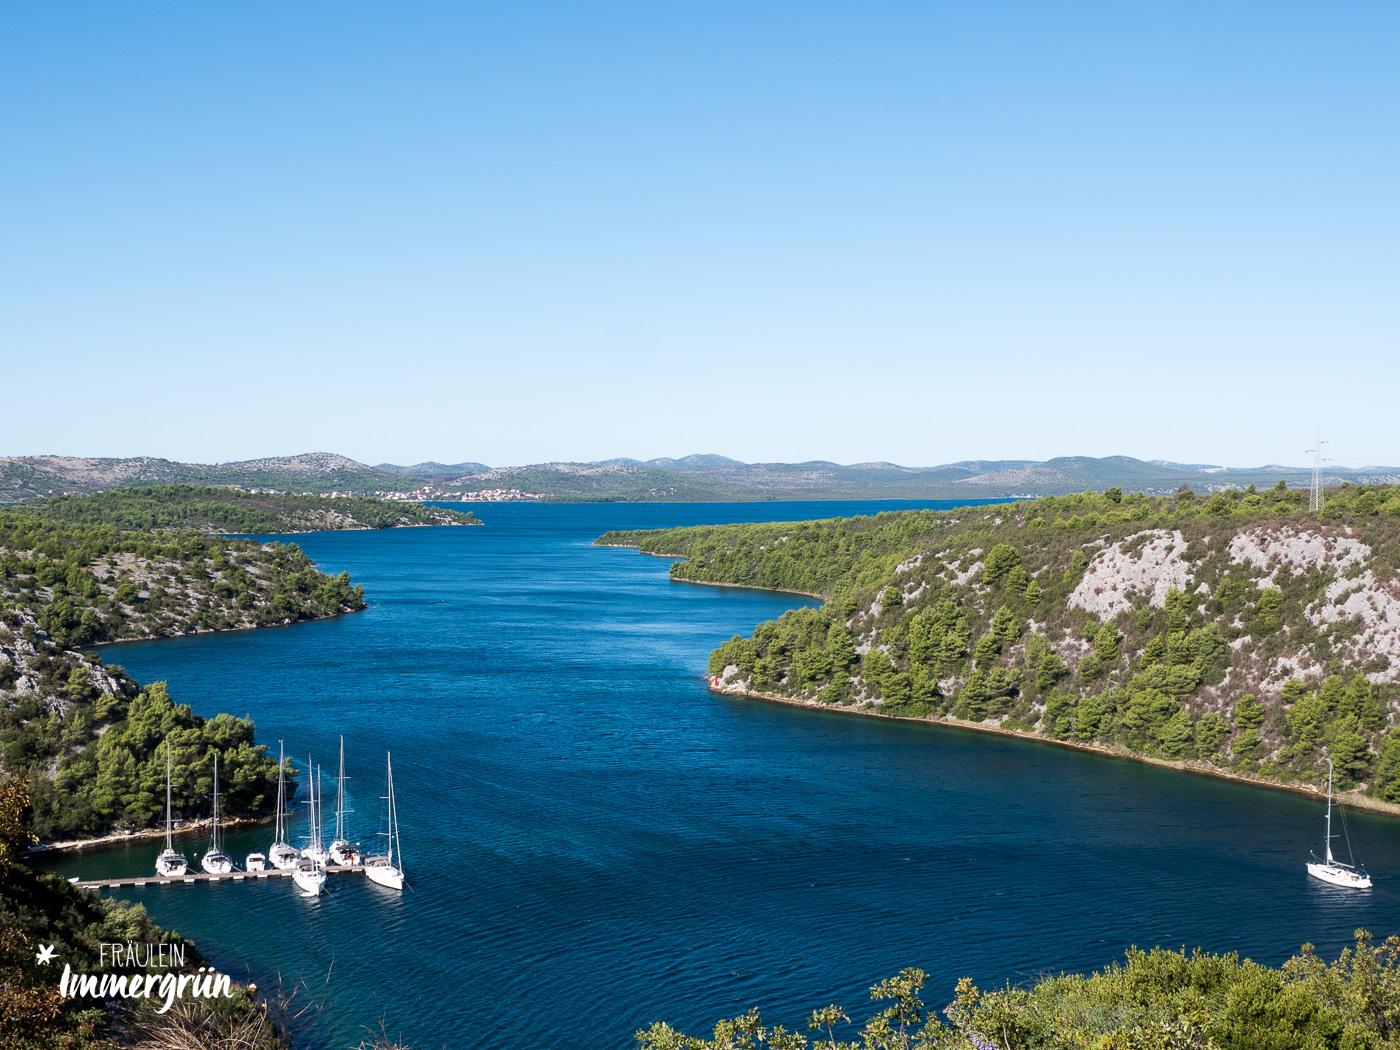 Dalmatien in Kroatien: Urlaub an der dalmatinischen Küste in der Nebensaison – Zwischen Krka Nationalpark und Sibenik